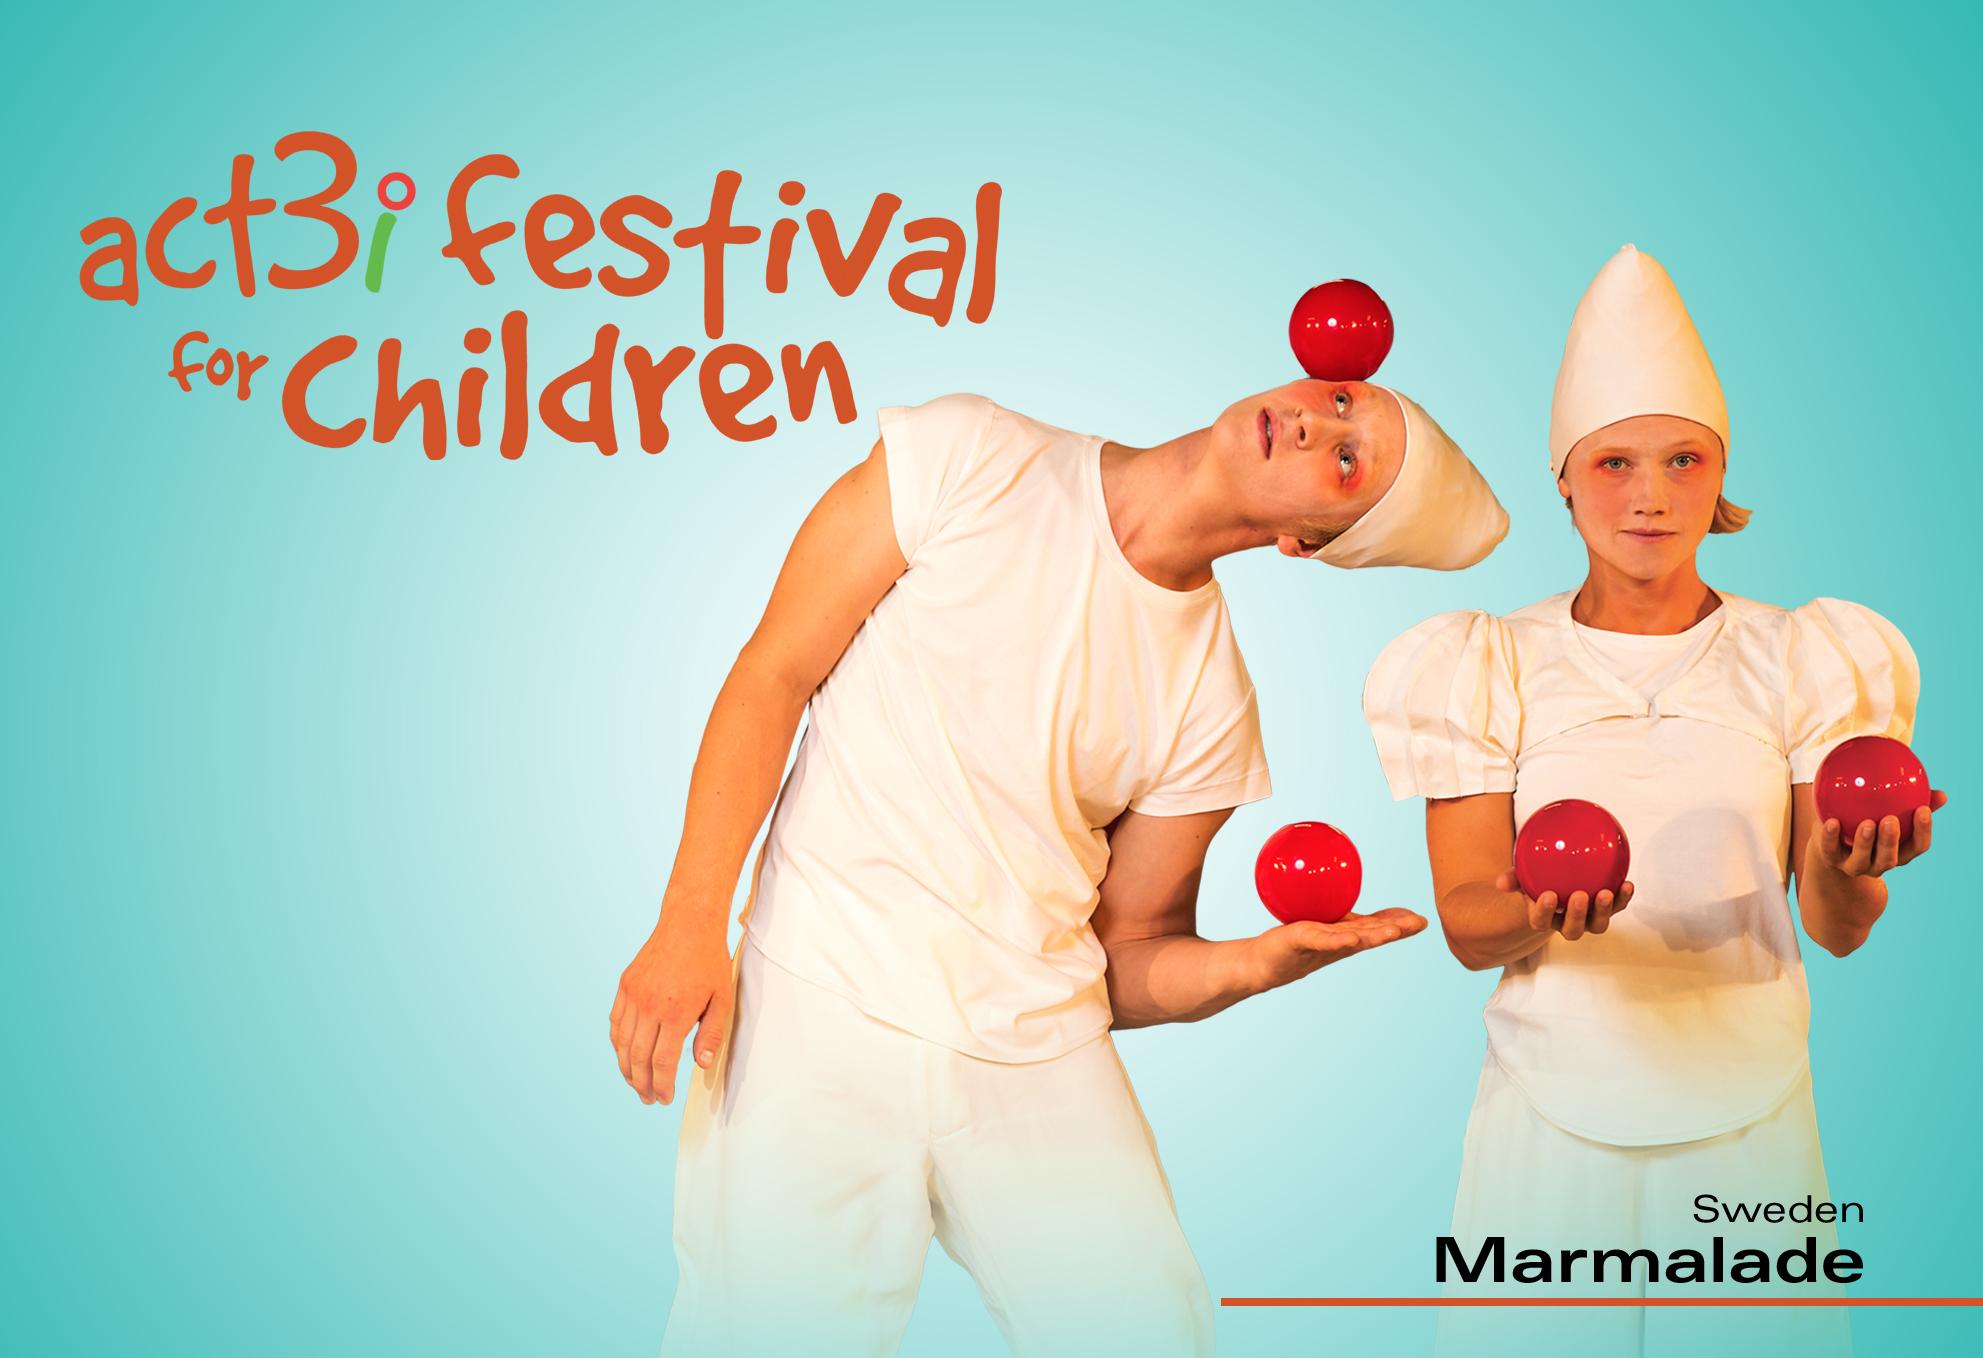 ACT 3i Festival for Children Marmalade (logo)